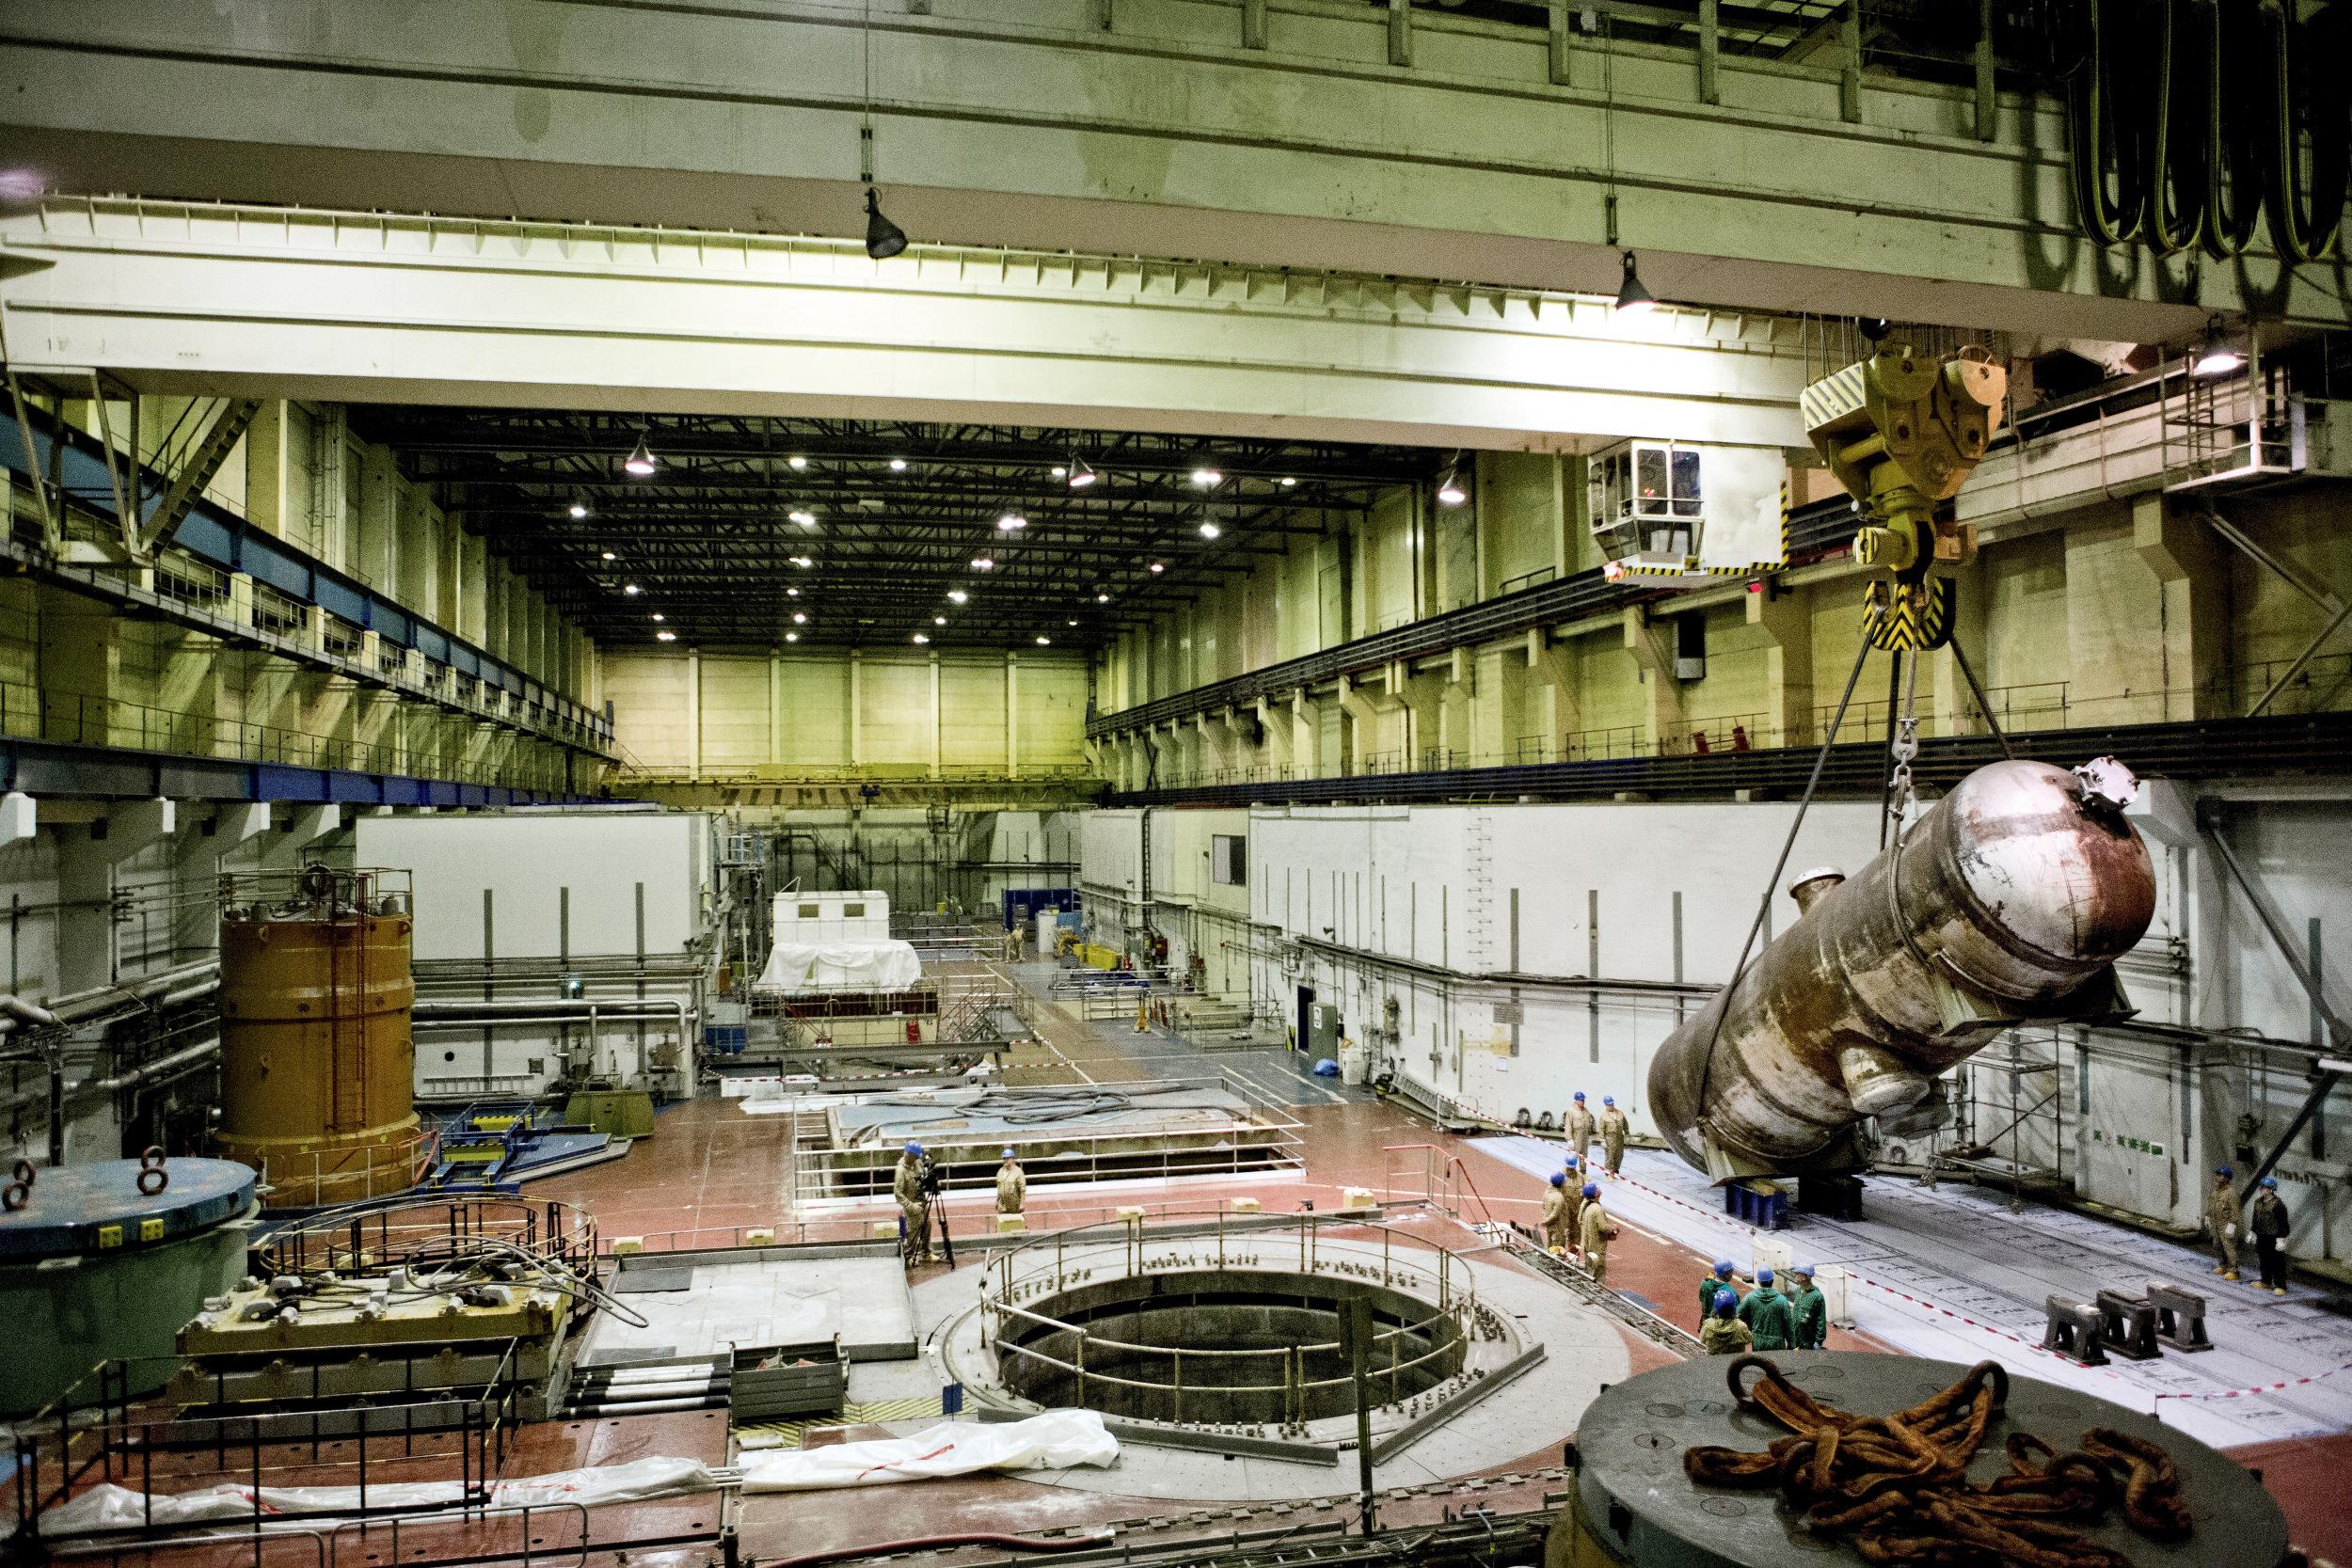 KURZ VORM ABDAMPFENIn einer Reaktorhalle des AKW Lubmin bei Greifswald wird ein kontaminierterDampferzeuger vorsichtig ausgebaut und bald darauf in seine Einzelteile zerlegt